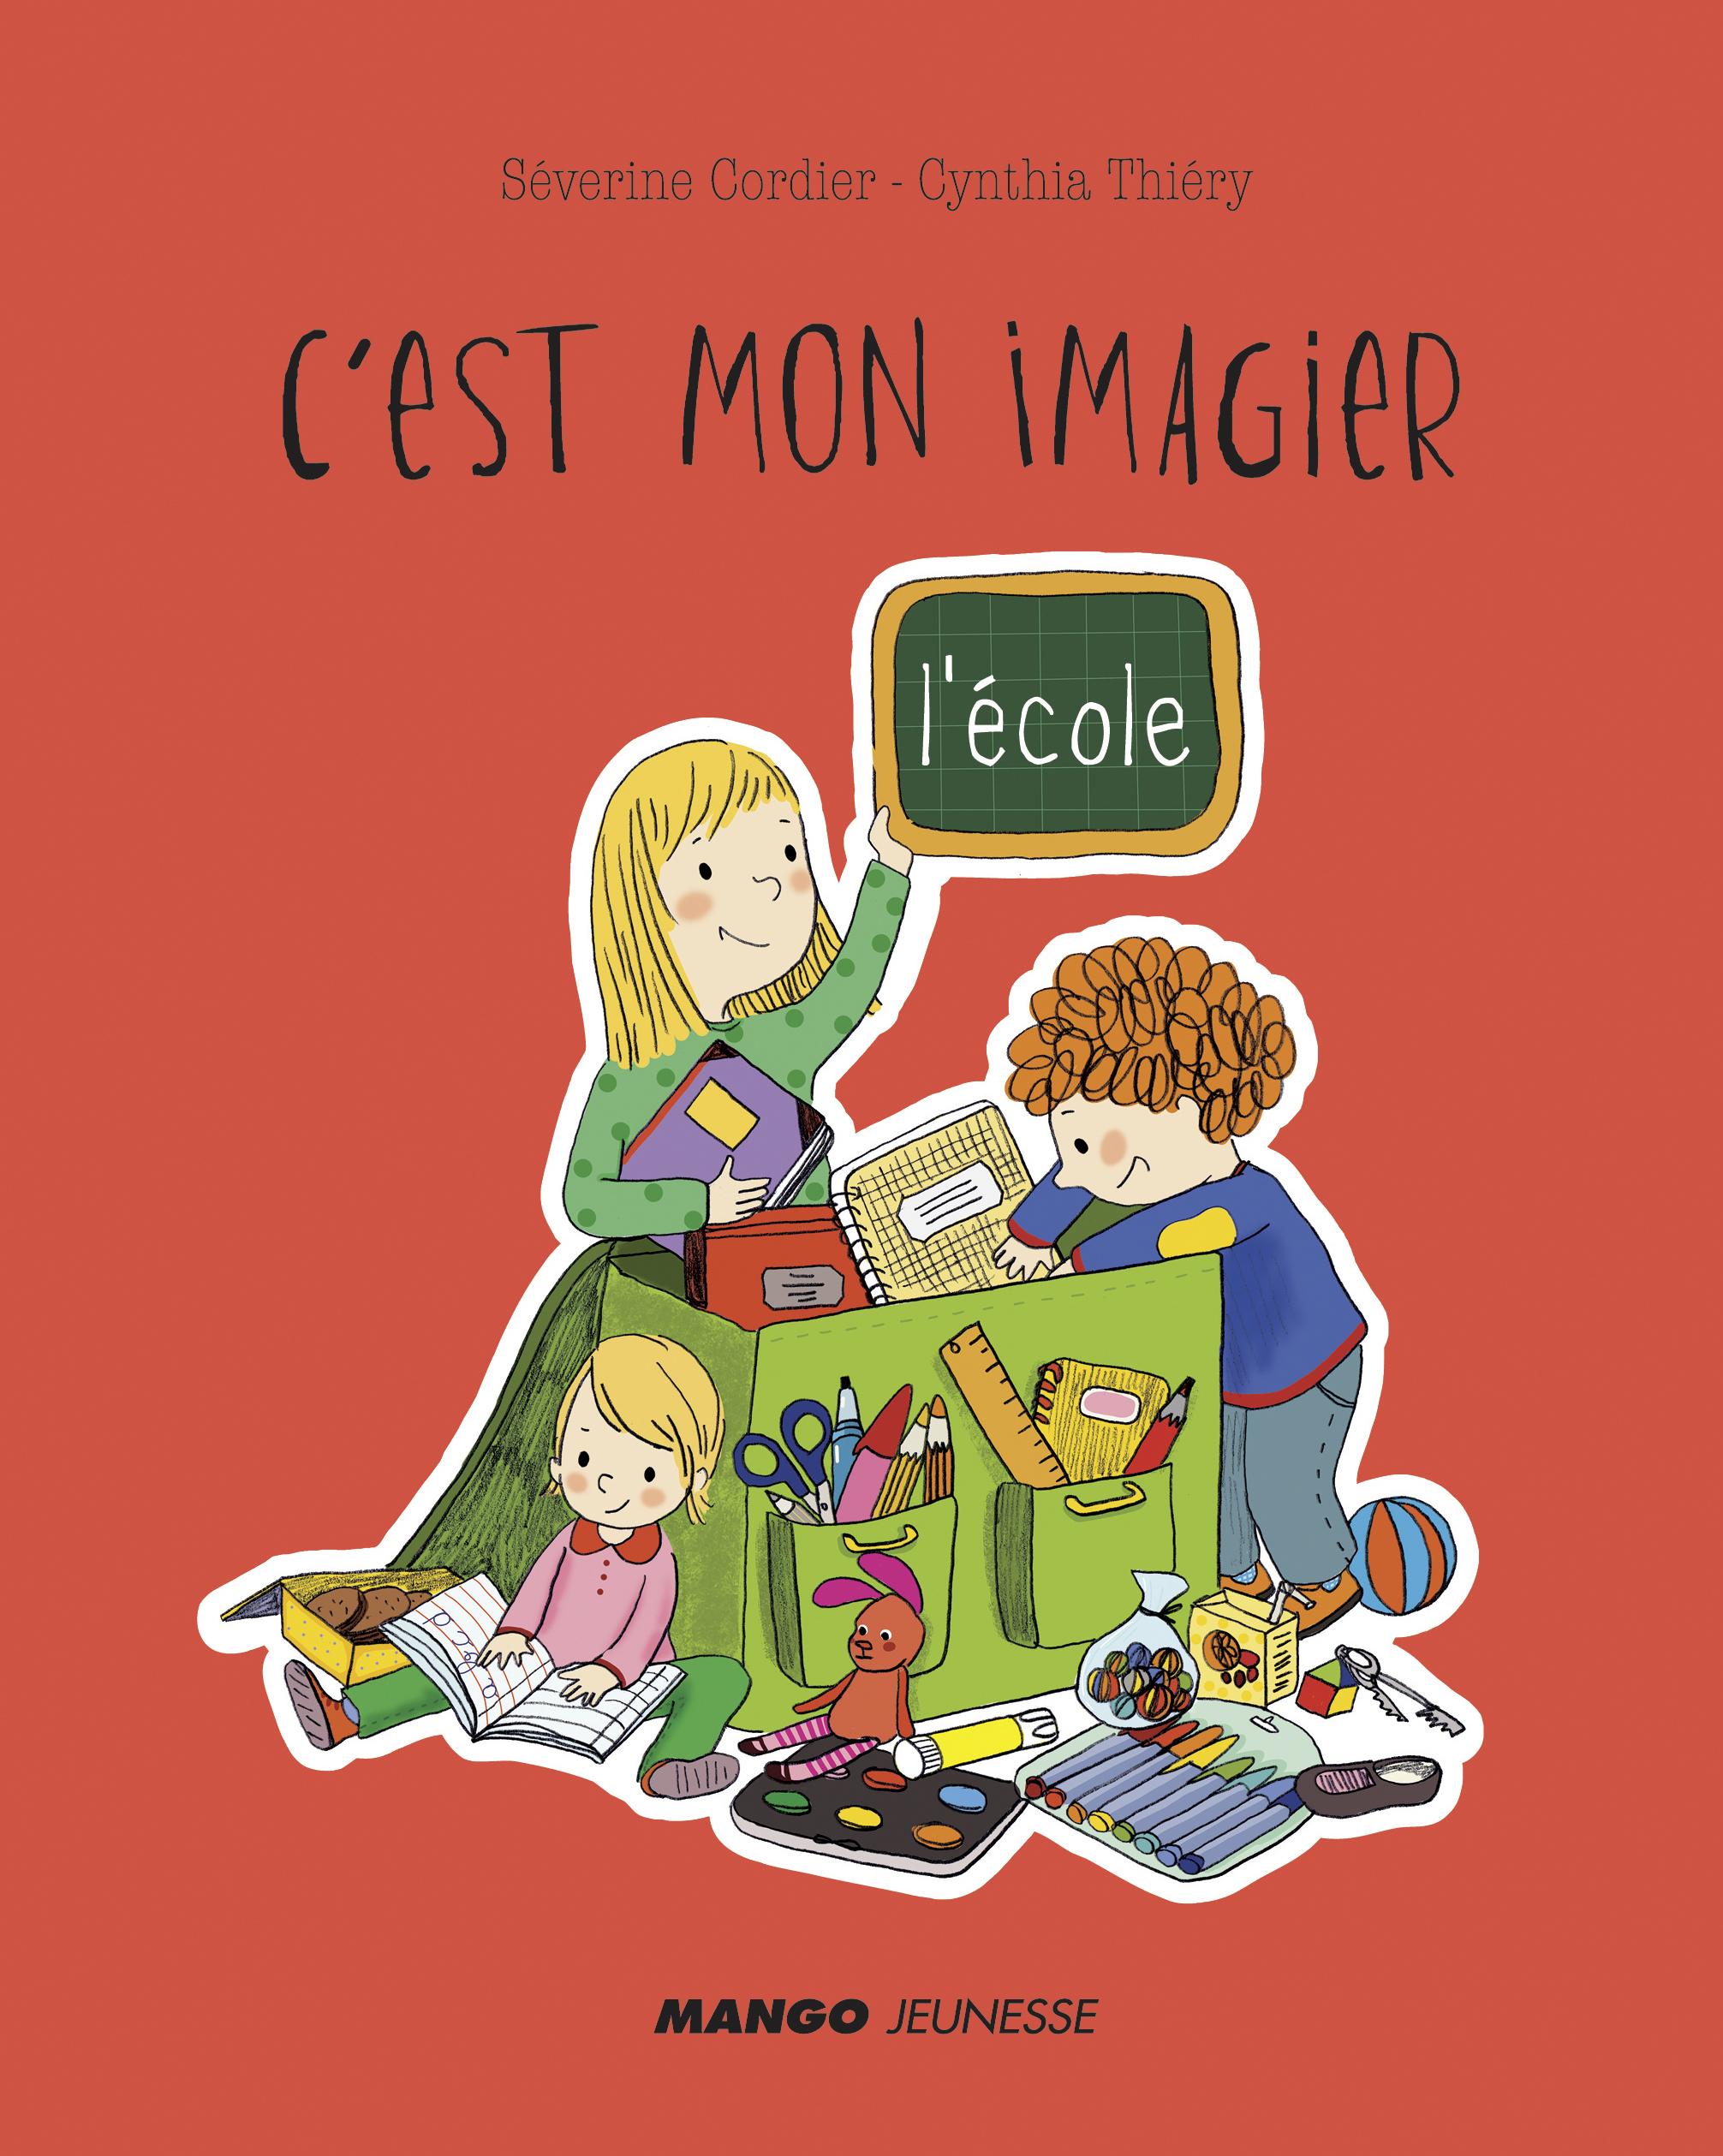 C'EST MON IMAGIER - L'ECOLE